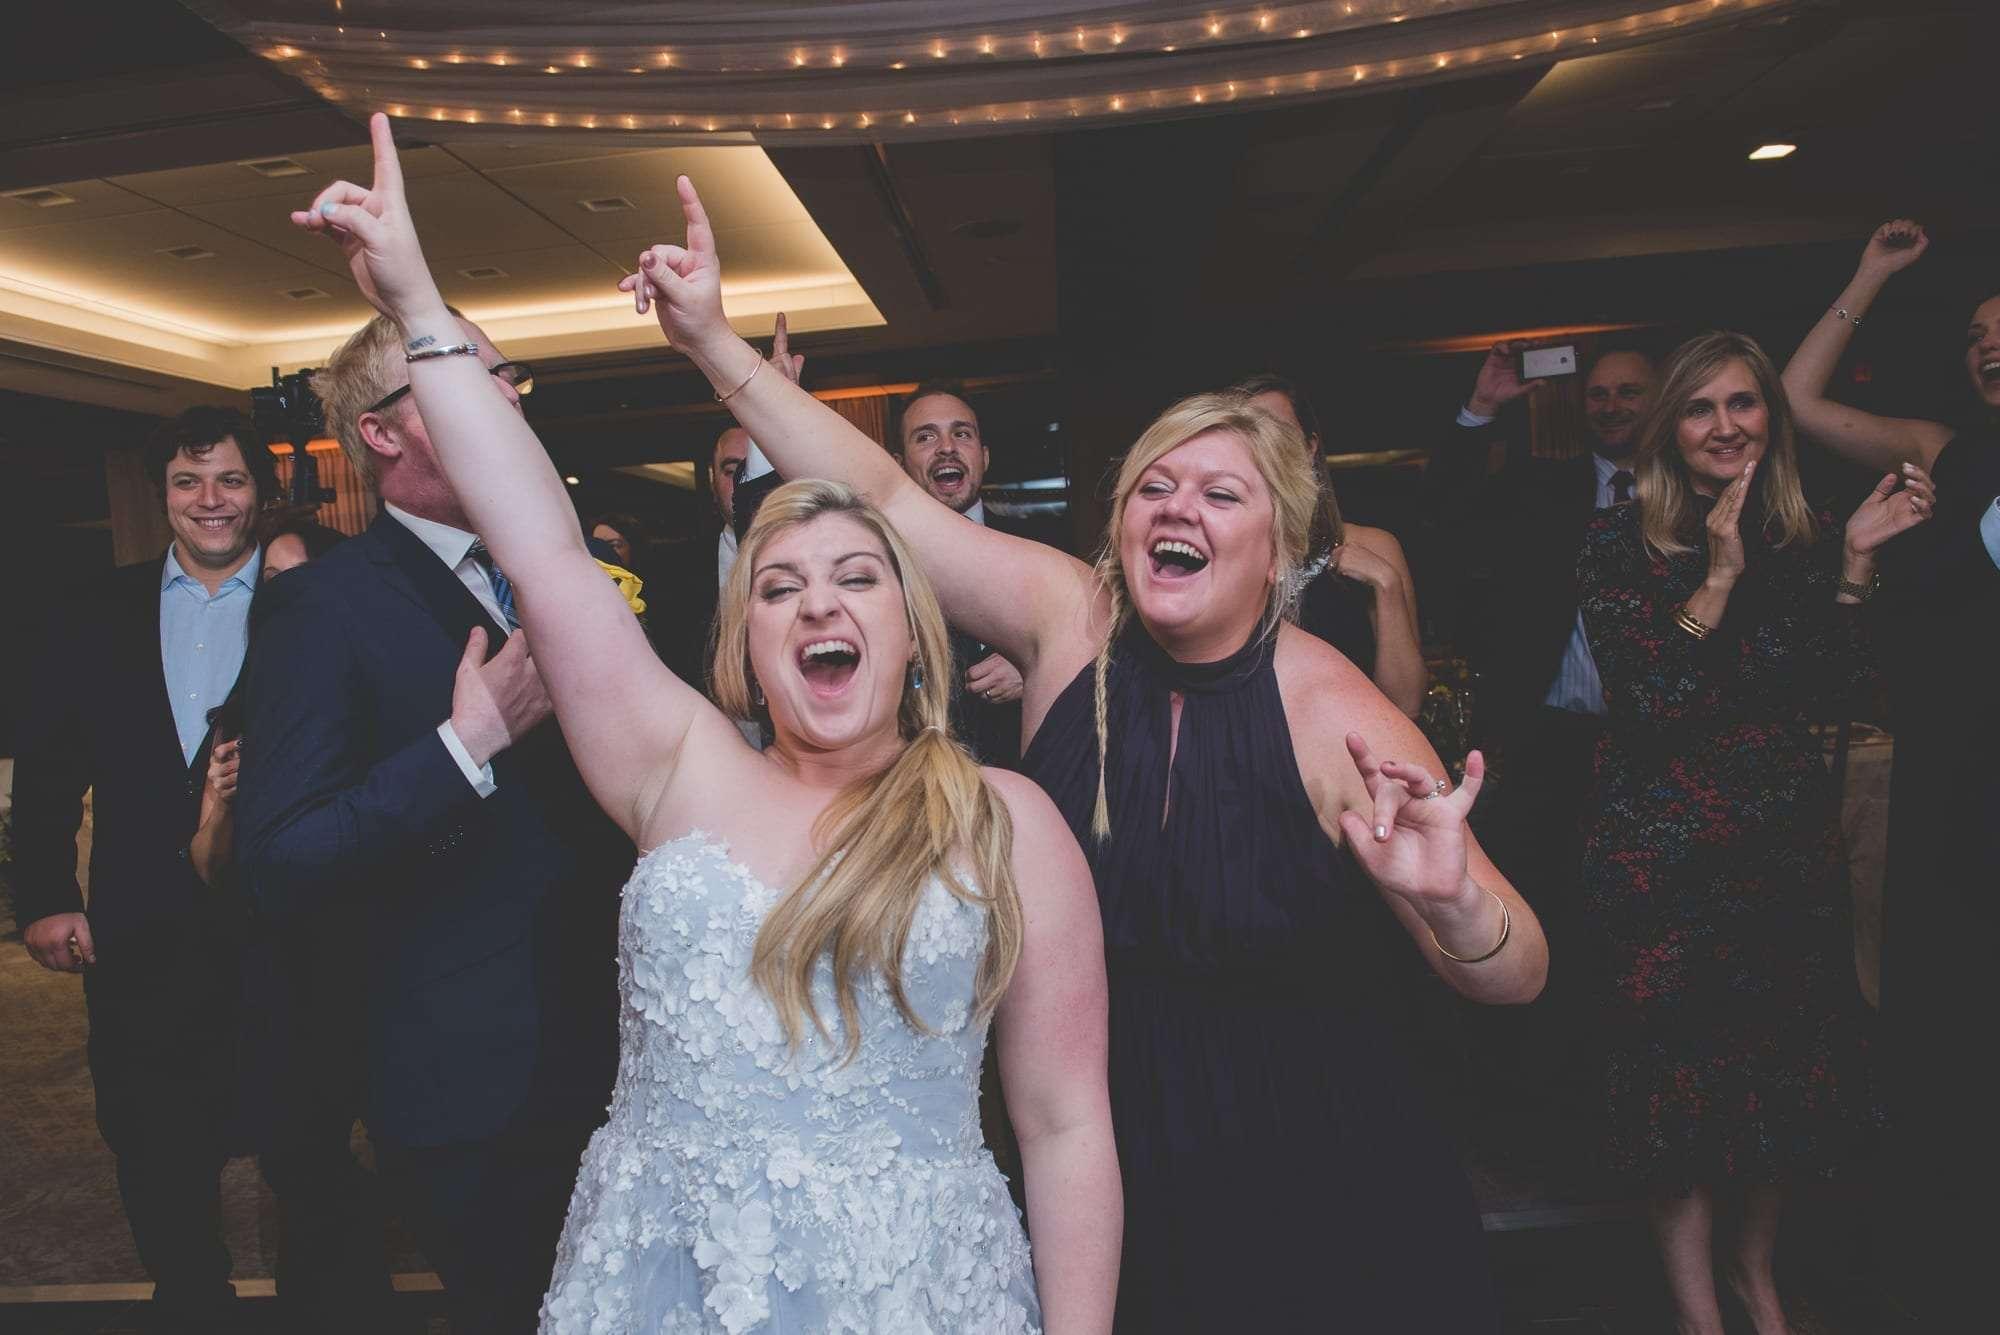 Villanova Inn wedding reception photos